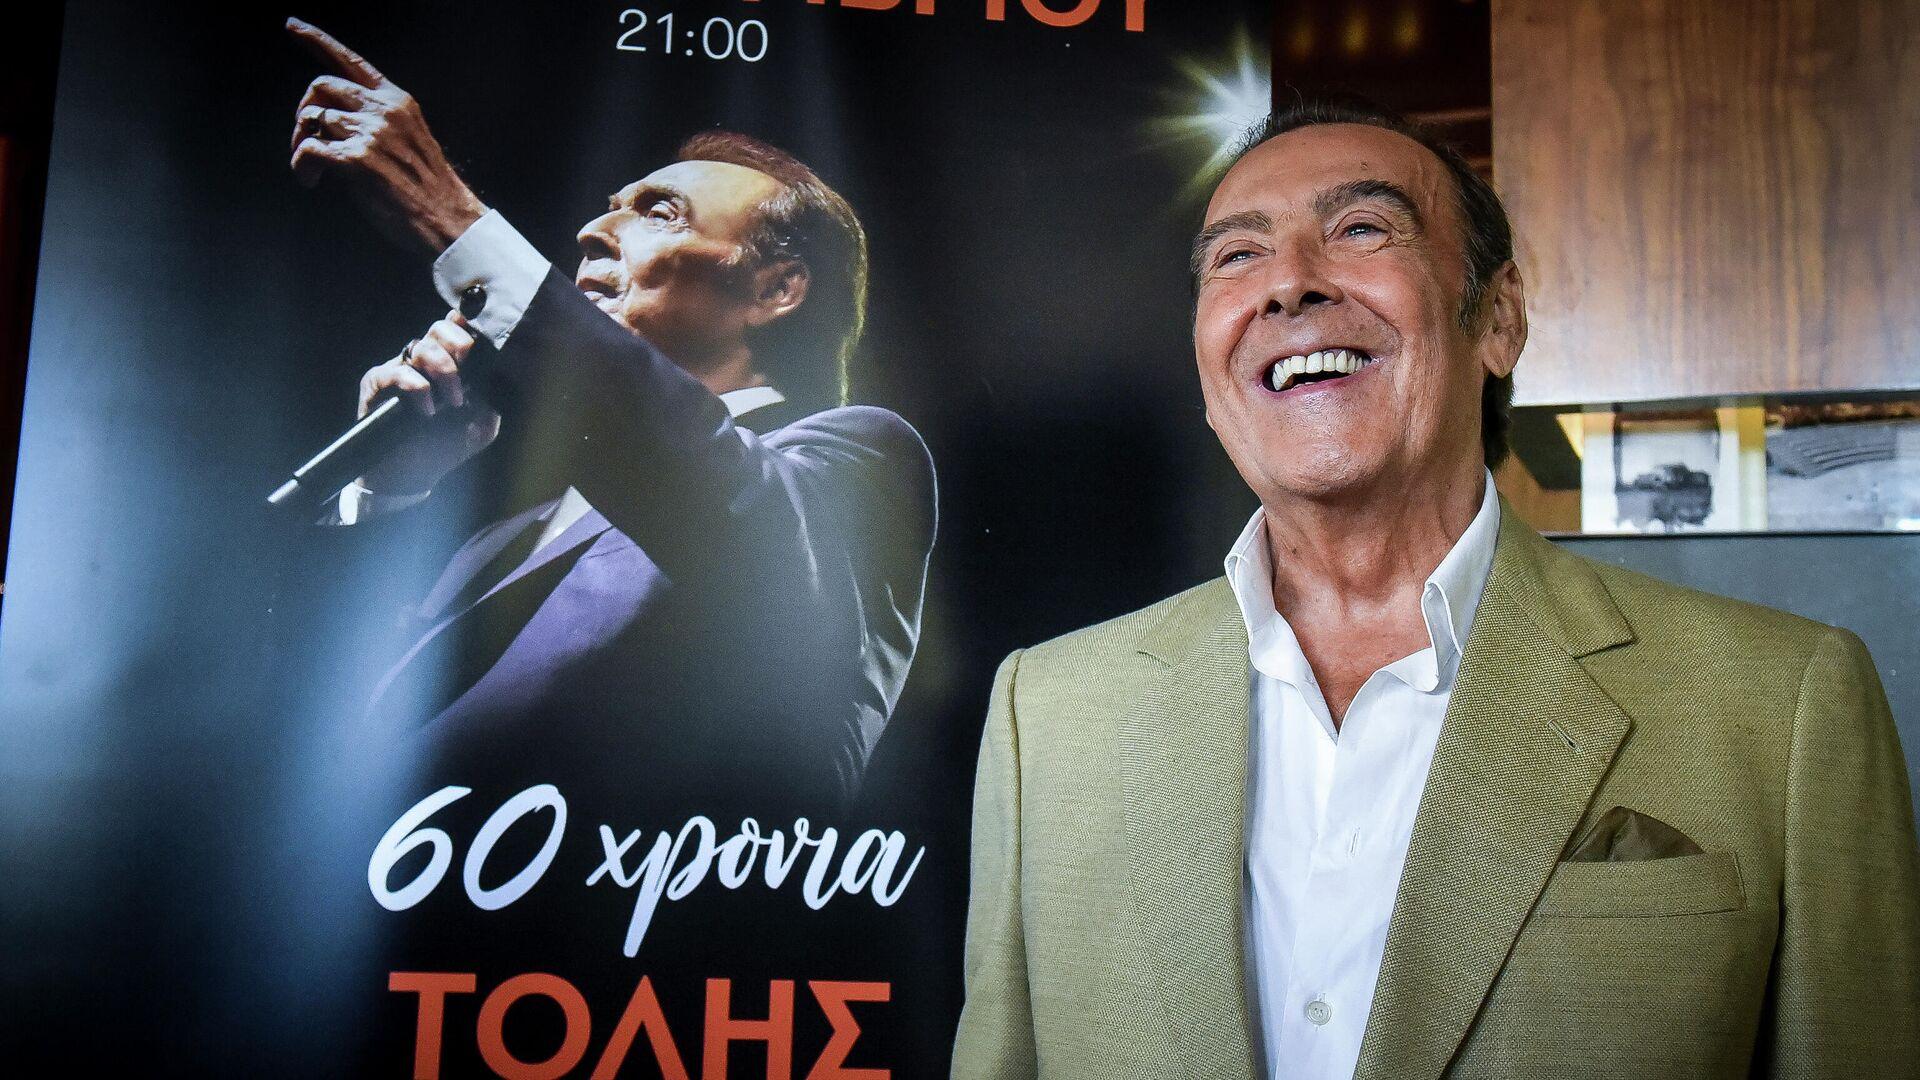 Греческий певец Толис Воскопулос - РИА Новости, 1920, 19.07.2021